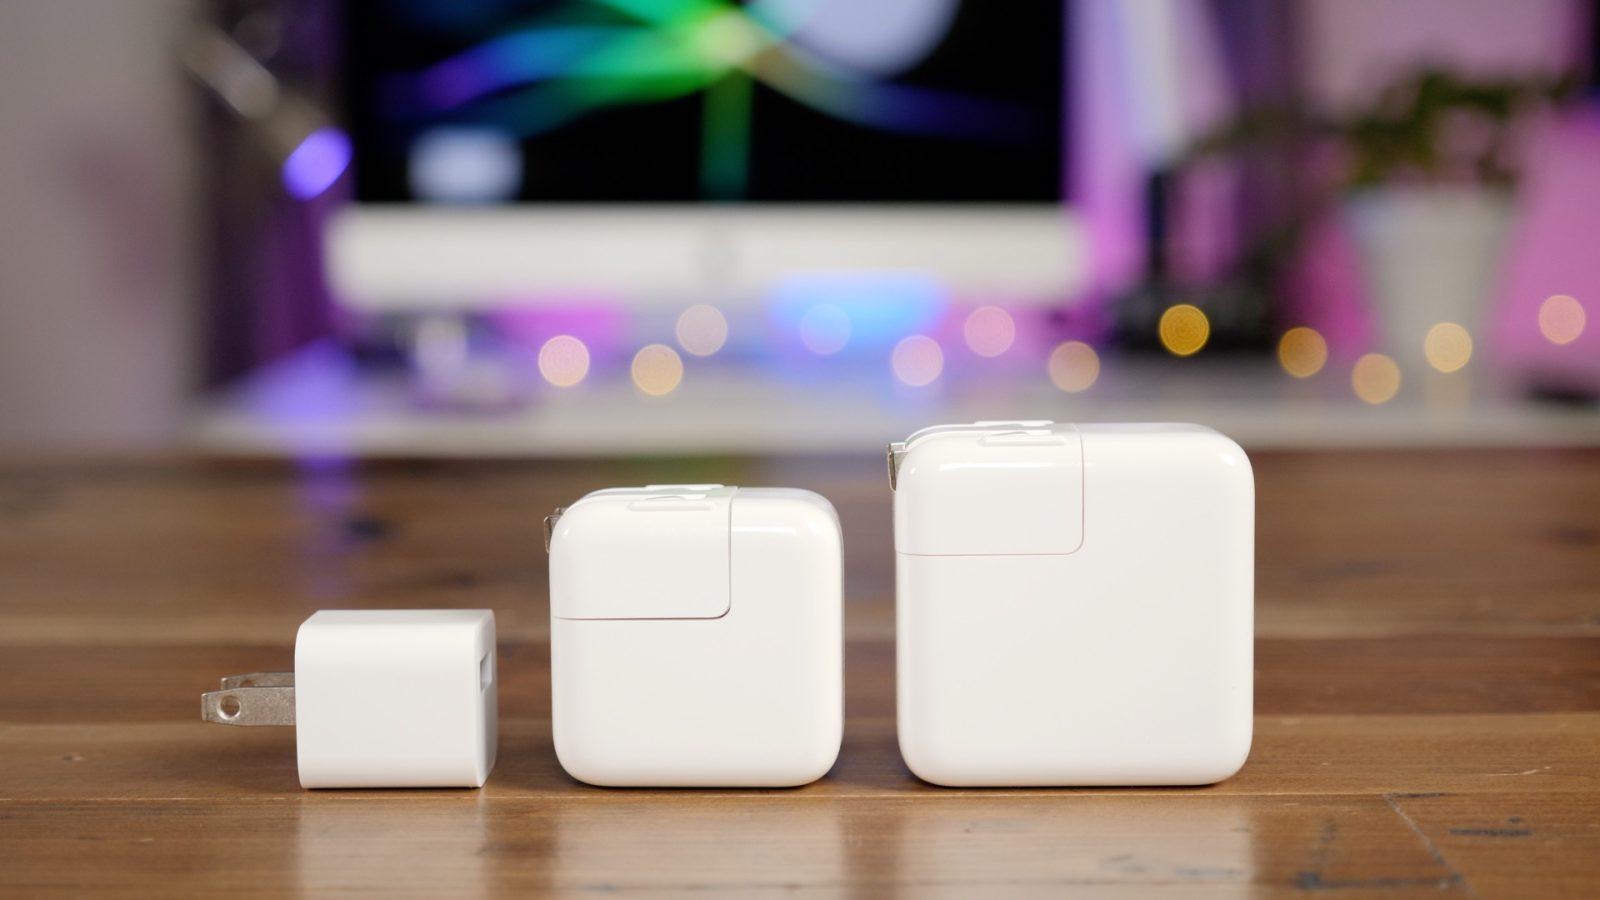 Les prochains iPhone pourraient (enfin) se recharger rapidement